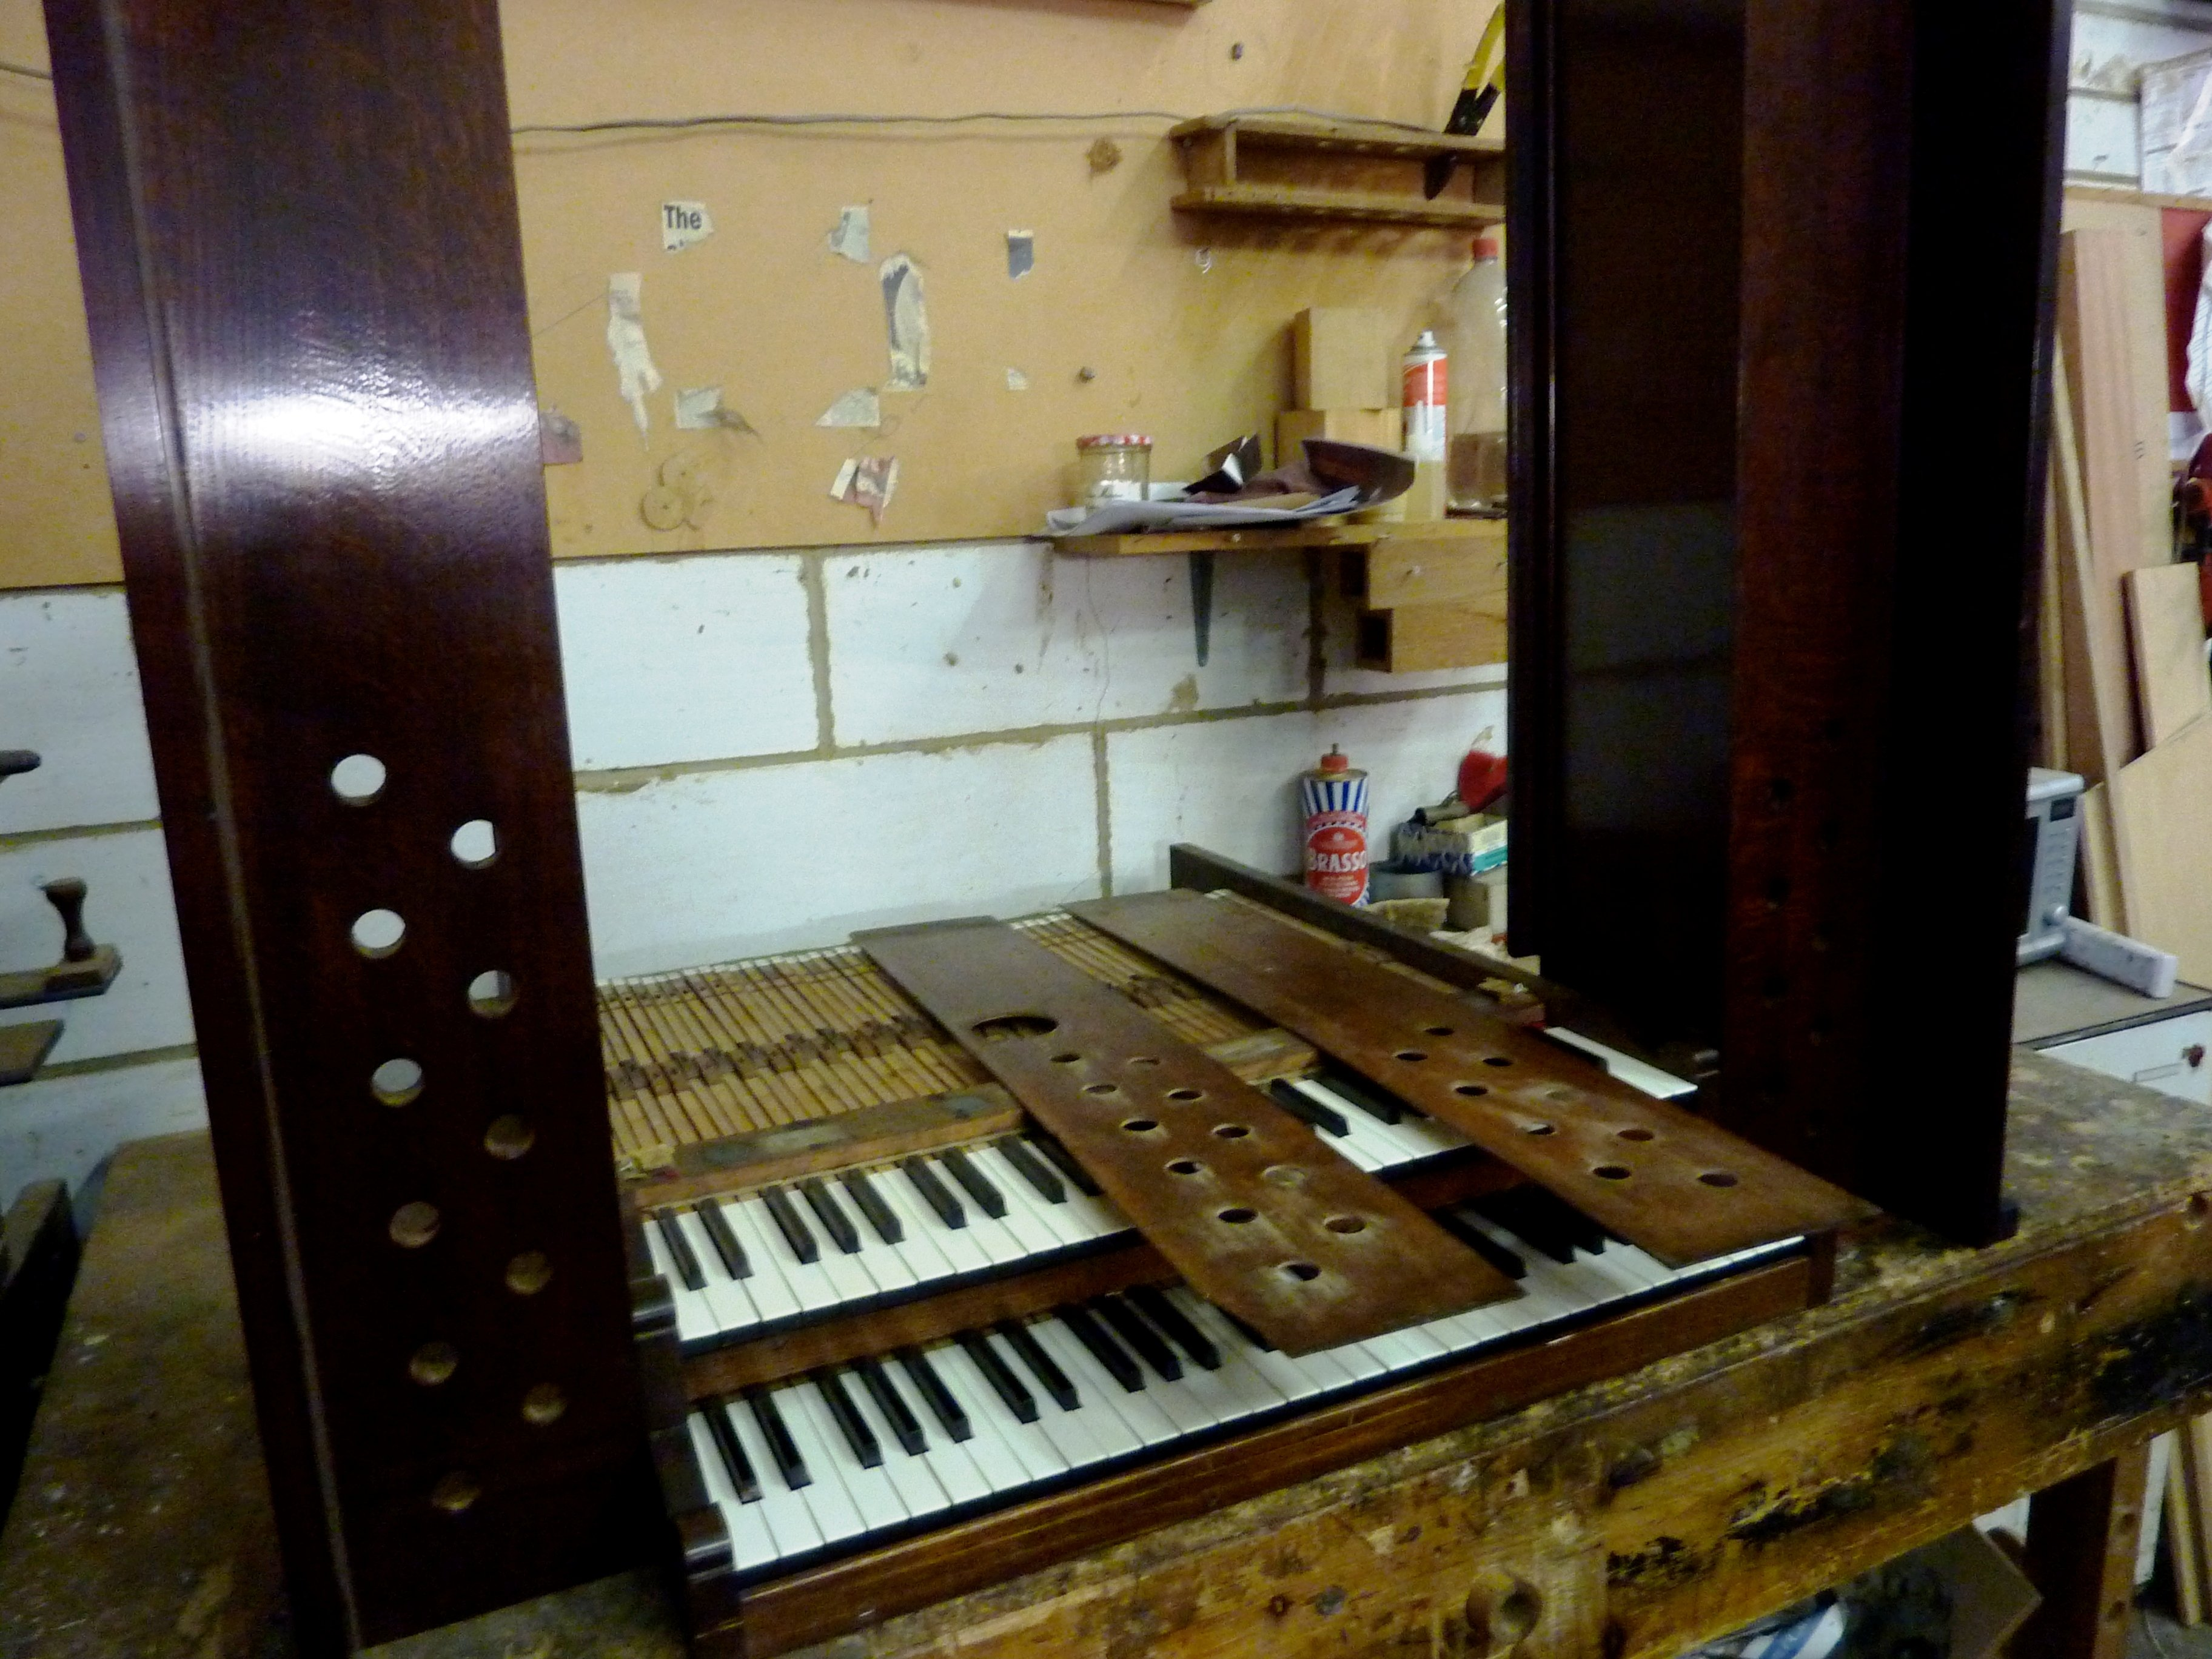 Workshop visit - keyboard